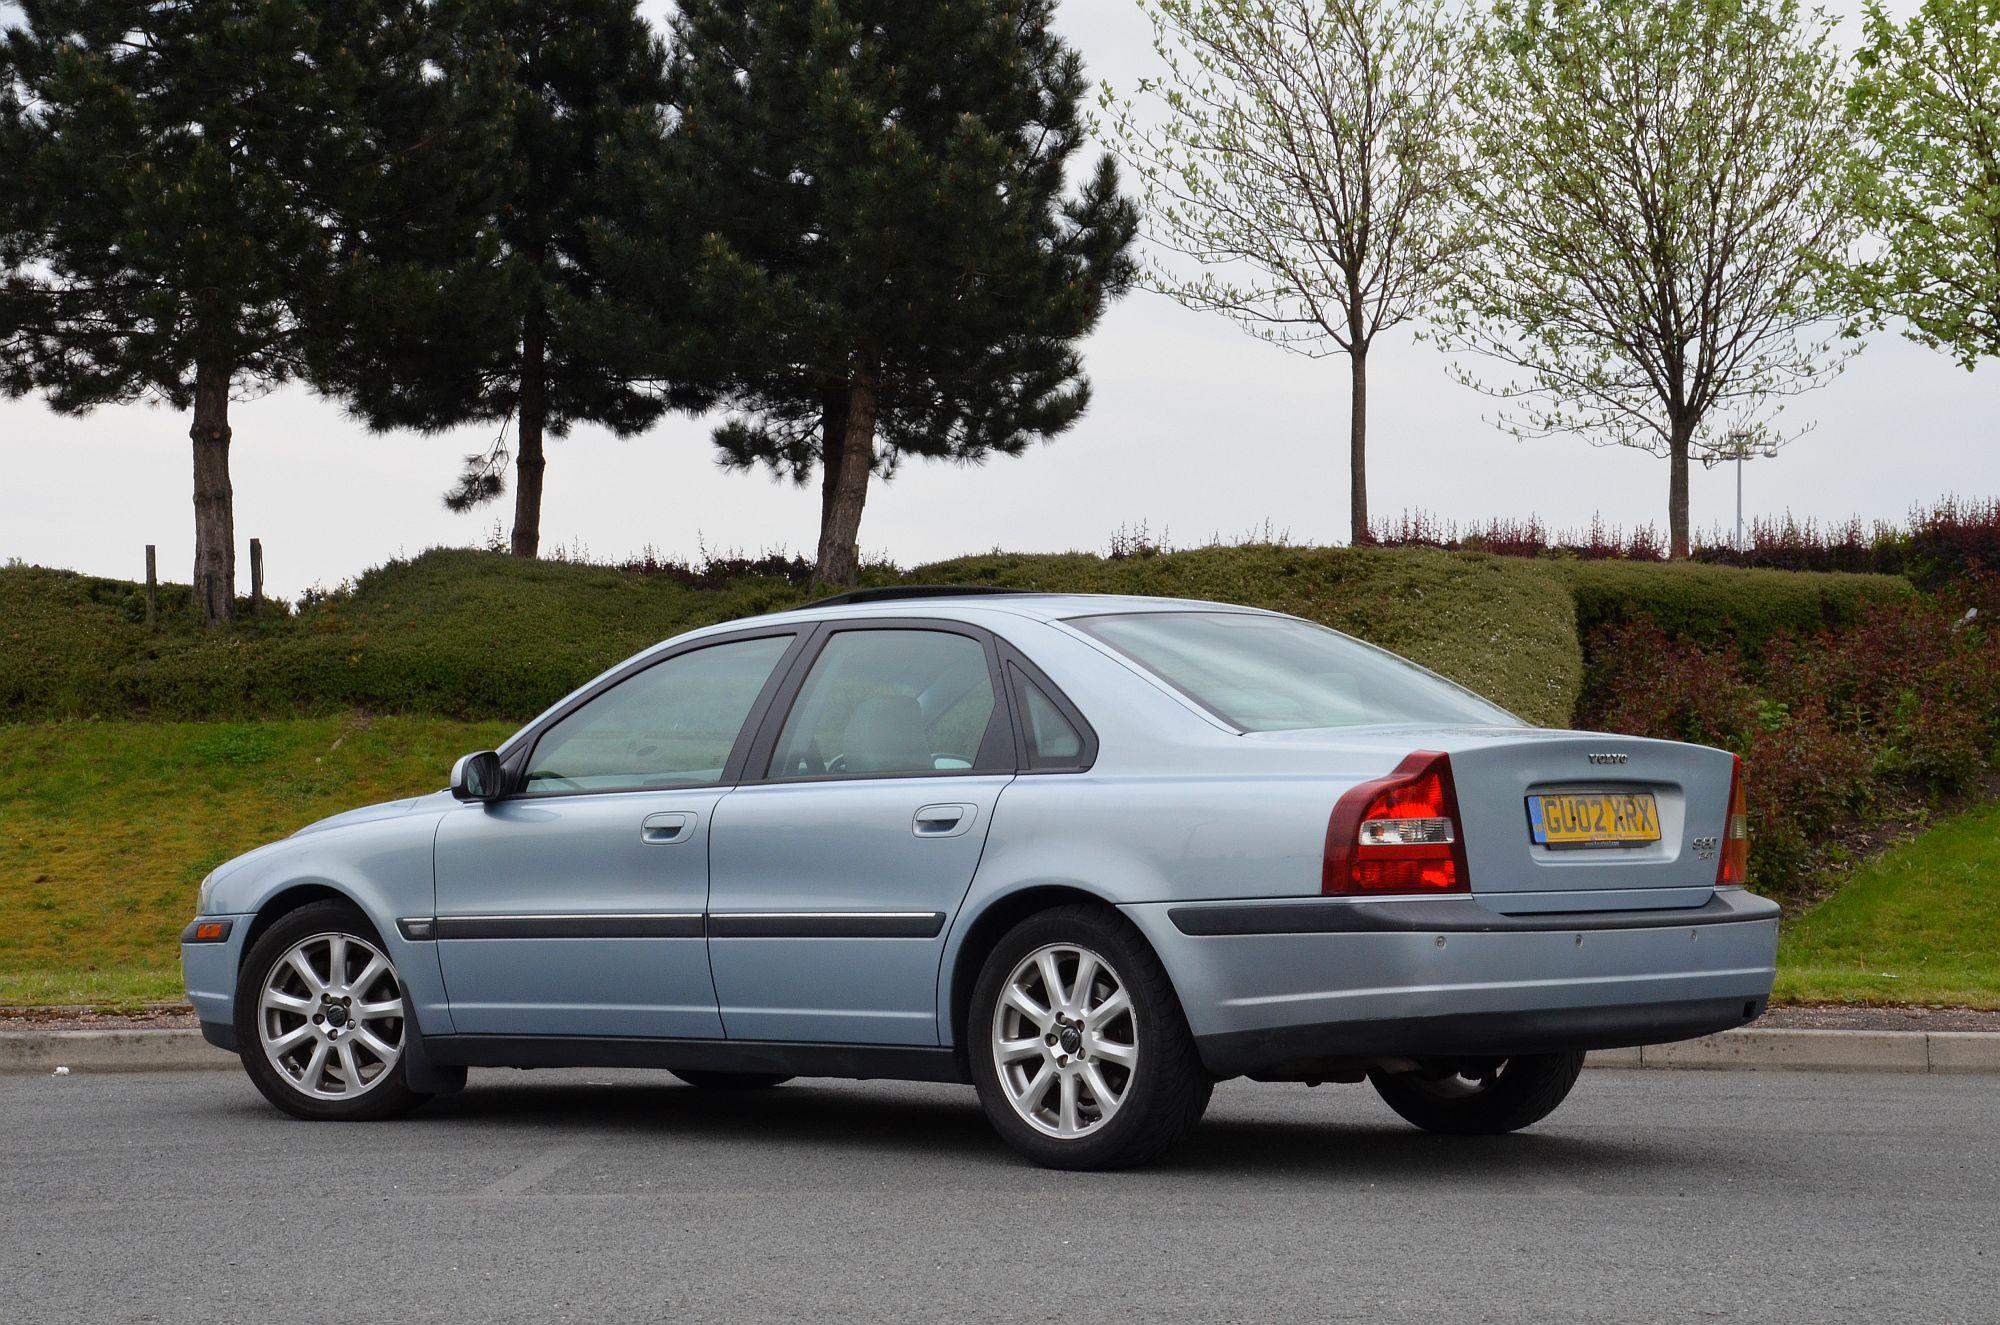 File:Volvo S80 2.4T 2002 Blue, rear..jpg - Wikimedia Commons